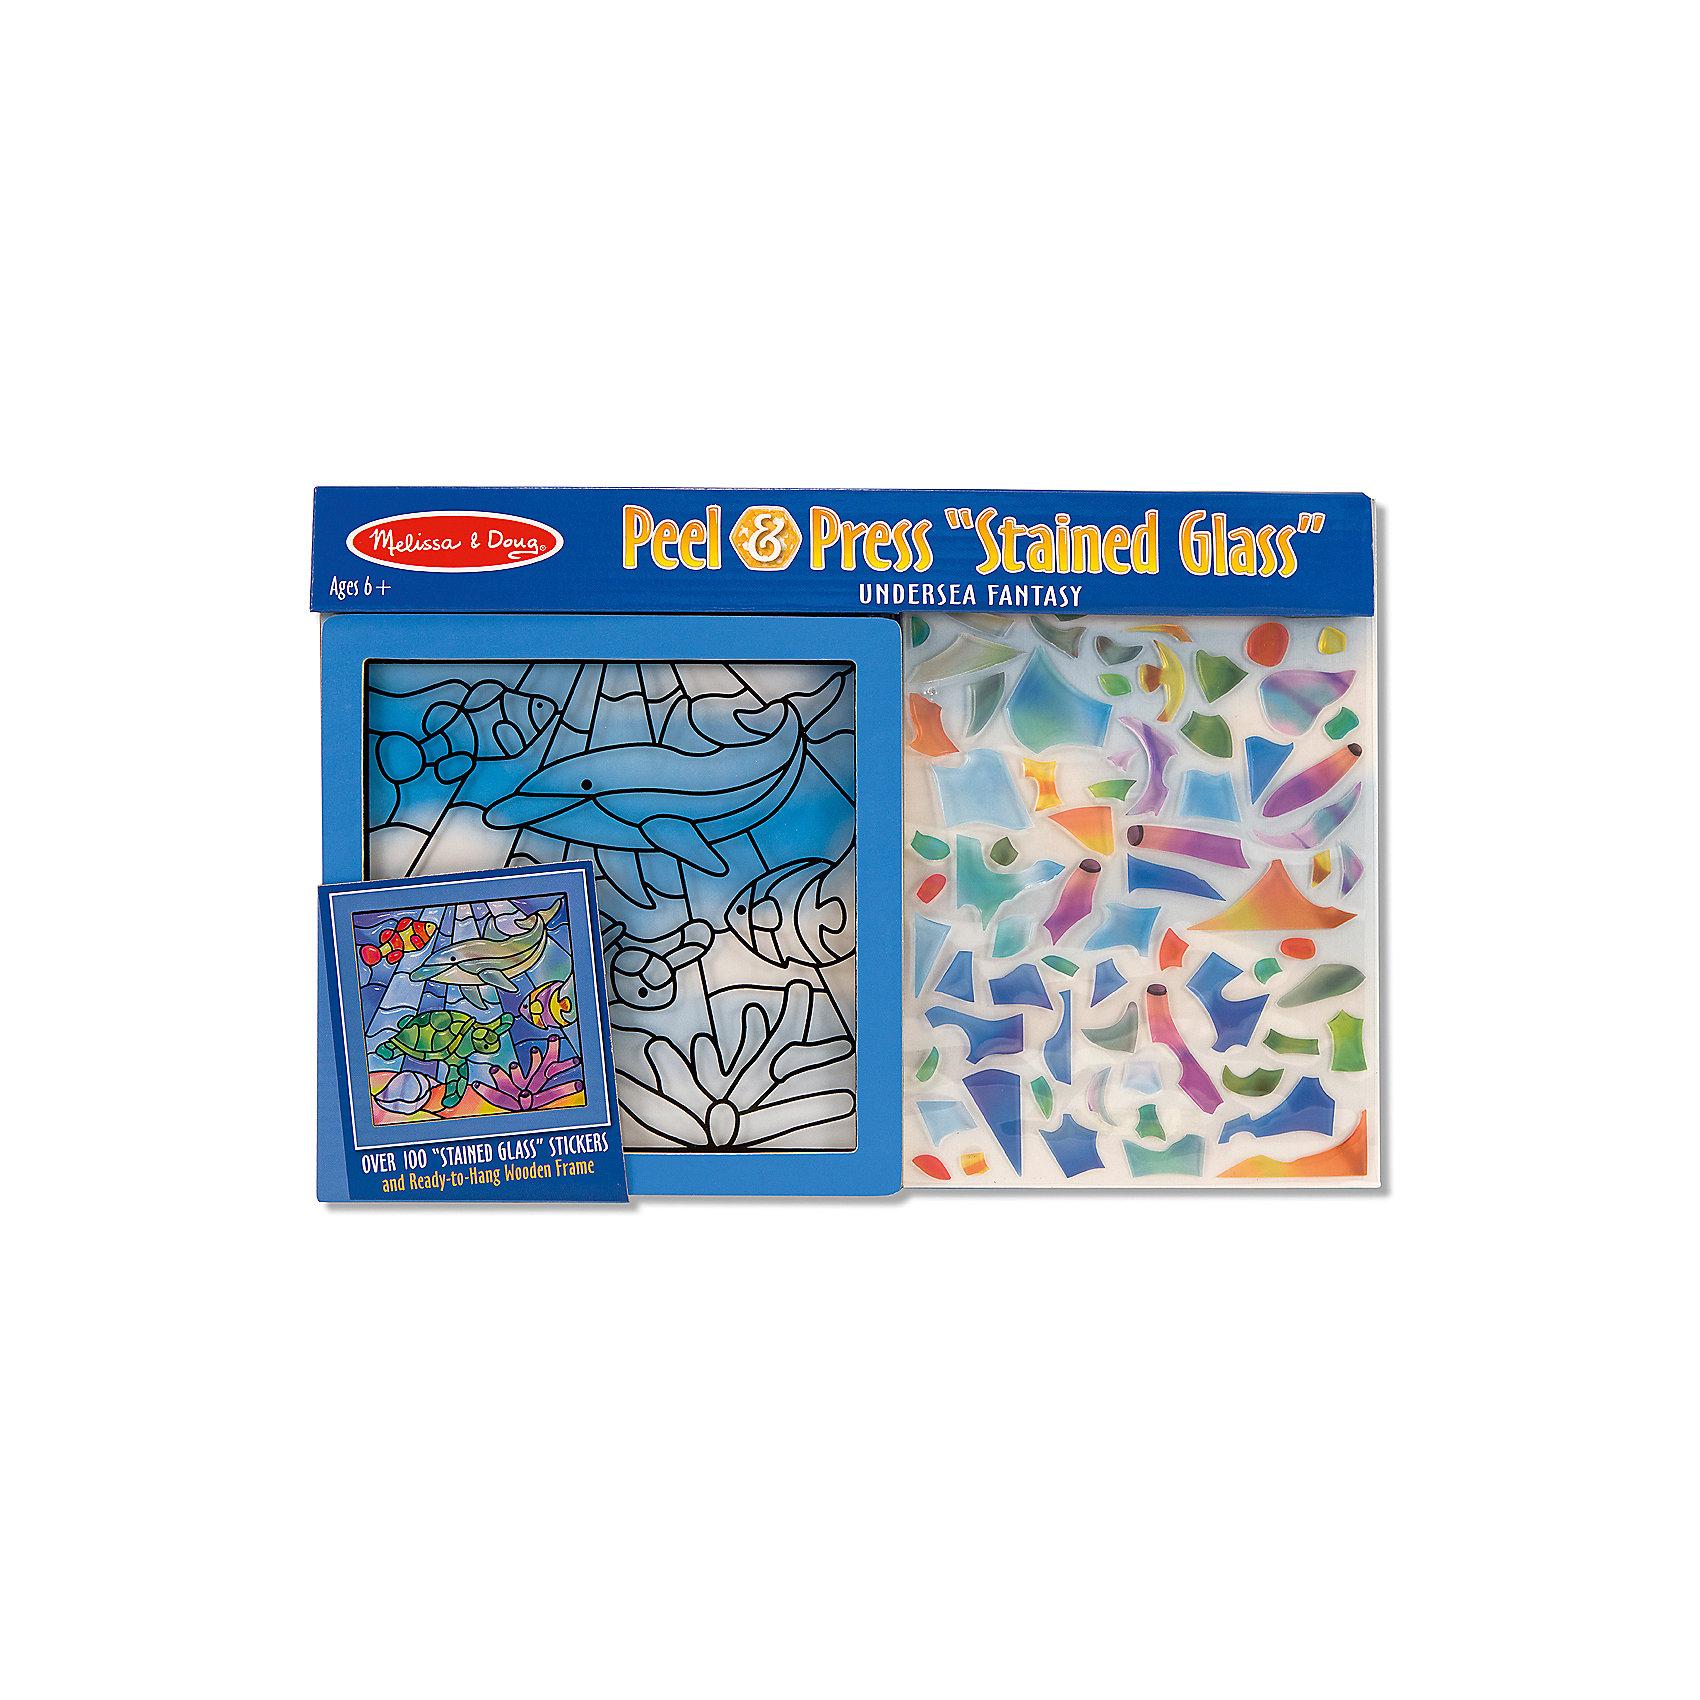 Цветное стекло Подводные фантазииВитражи<br>Думаете, как порадовать ребенка? Такая витражная мозаика - это отличный вариант подарка ребенку, который одновременно и развлечет малыша, и позволит ему развивать важные навыки. Это способствует развитию у малышей мелкой моторики, цветовосприятия, художественного вкуса, внимания и воображения. <br>Набор состоит из фоновой картинки, которую нужно заполнить прозрачными деталями, чтобы получилось изображение. Его потом можно повесить на окно! Особенно понравится любителям моря. Набор отличается удобной упаковкой, простотой использования и отличным качеством исполнения. <br><br>Дополнительная информация:<br><br>комплектация: фоновая картинка, детали;<br>размер: 250 х 370 х 10 мм.<br><br>Цветное стекло Подводные фантазии от бренда Melissa&amp;Doug можно купить в нашем магазине.<br><br>Ширина мм: 370<br>Глубина мм: 10<br>Высота мм: 250<br>Вес г: 250<br>Возраст от месяцев: 72<br>Возраст до месяцев: 120<br>Пол: Унисекс<br>Возраст: Детский<br>SKU: 4993683